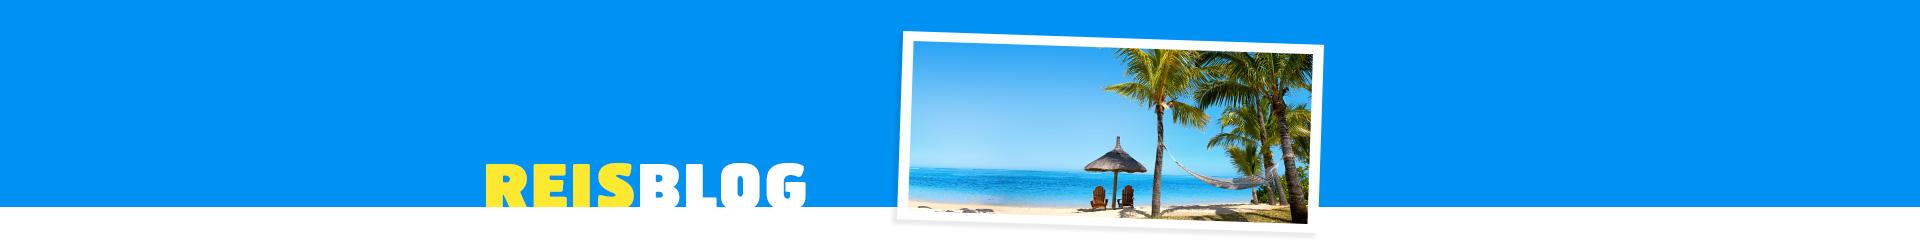 Prachtig wit strand met wuivende palmbomen en azuurblauwe zee.